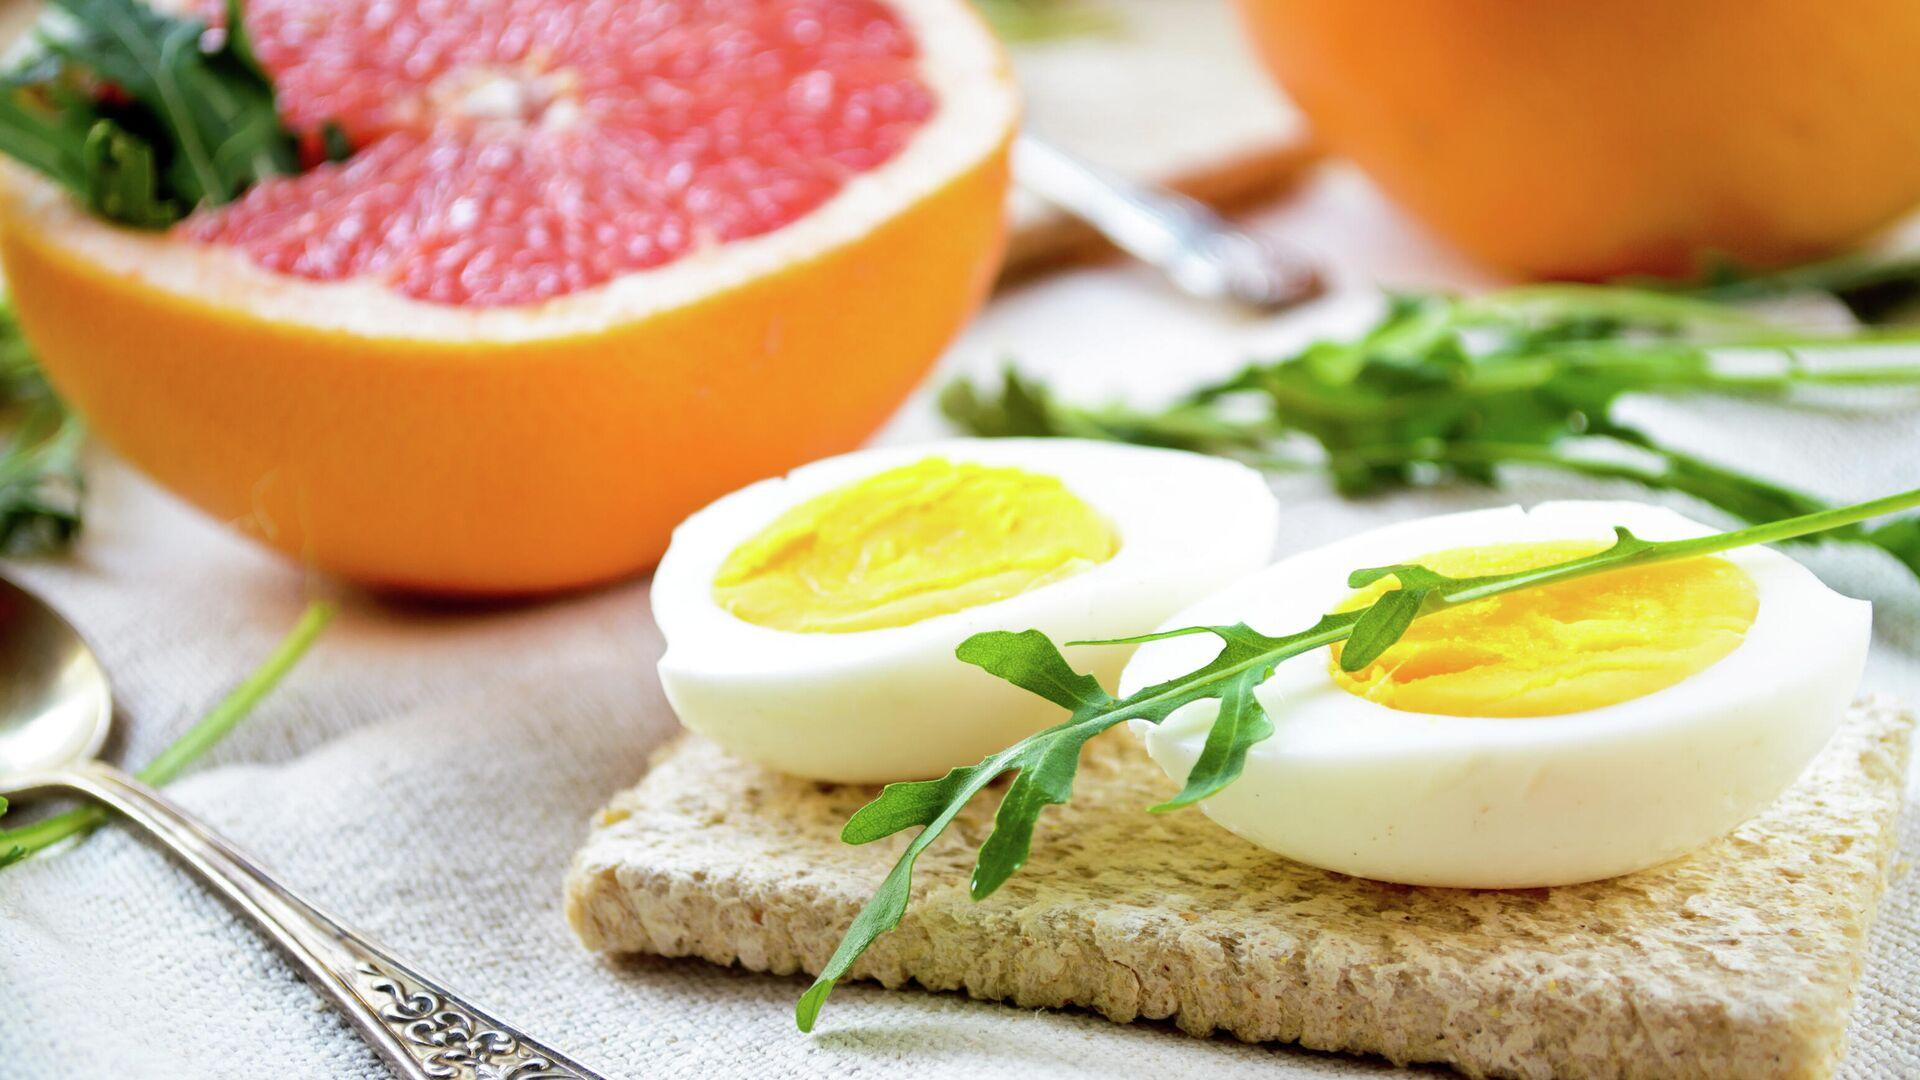 Завтрак с яйцами, грейпфрутом и листьями рукколы - РИА Новости, 1920, 07.09.2021